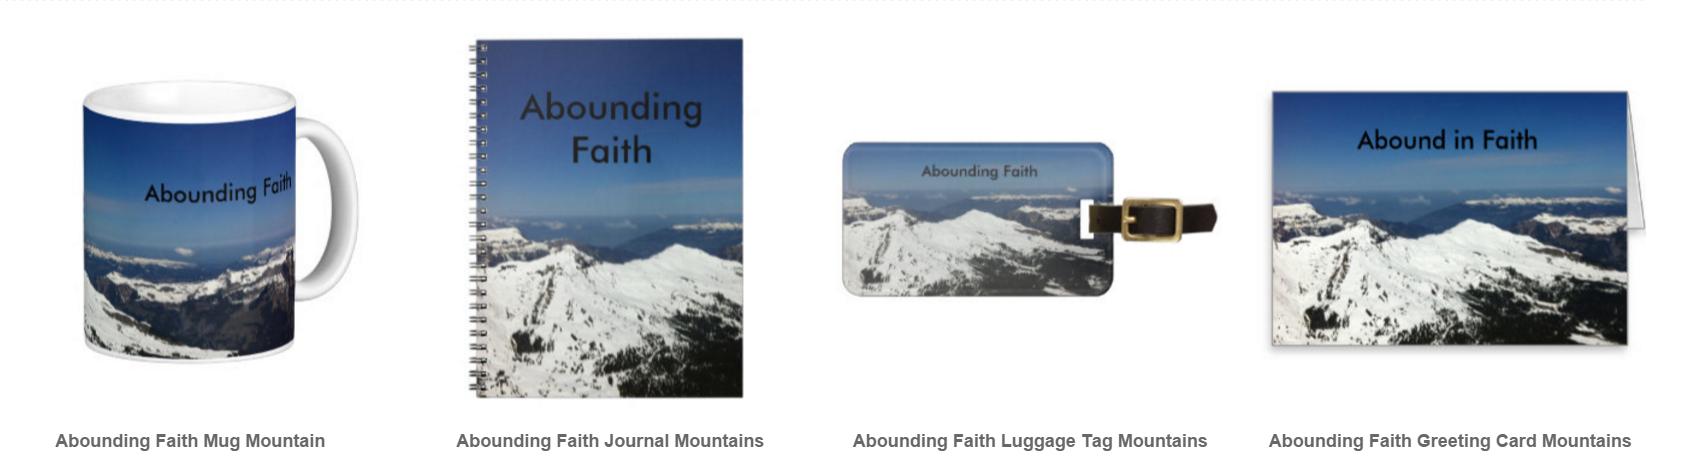 Abounding Faith Mountains